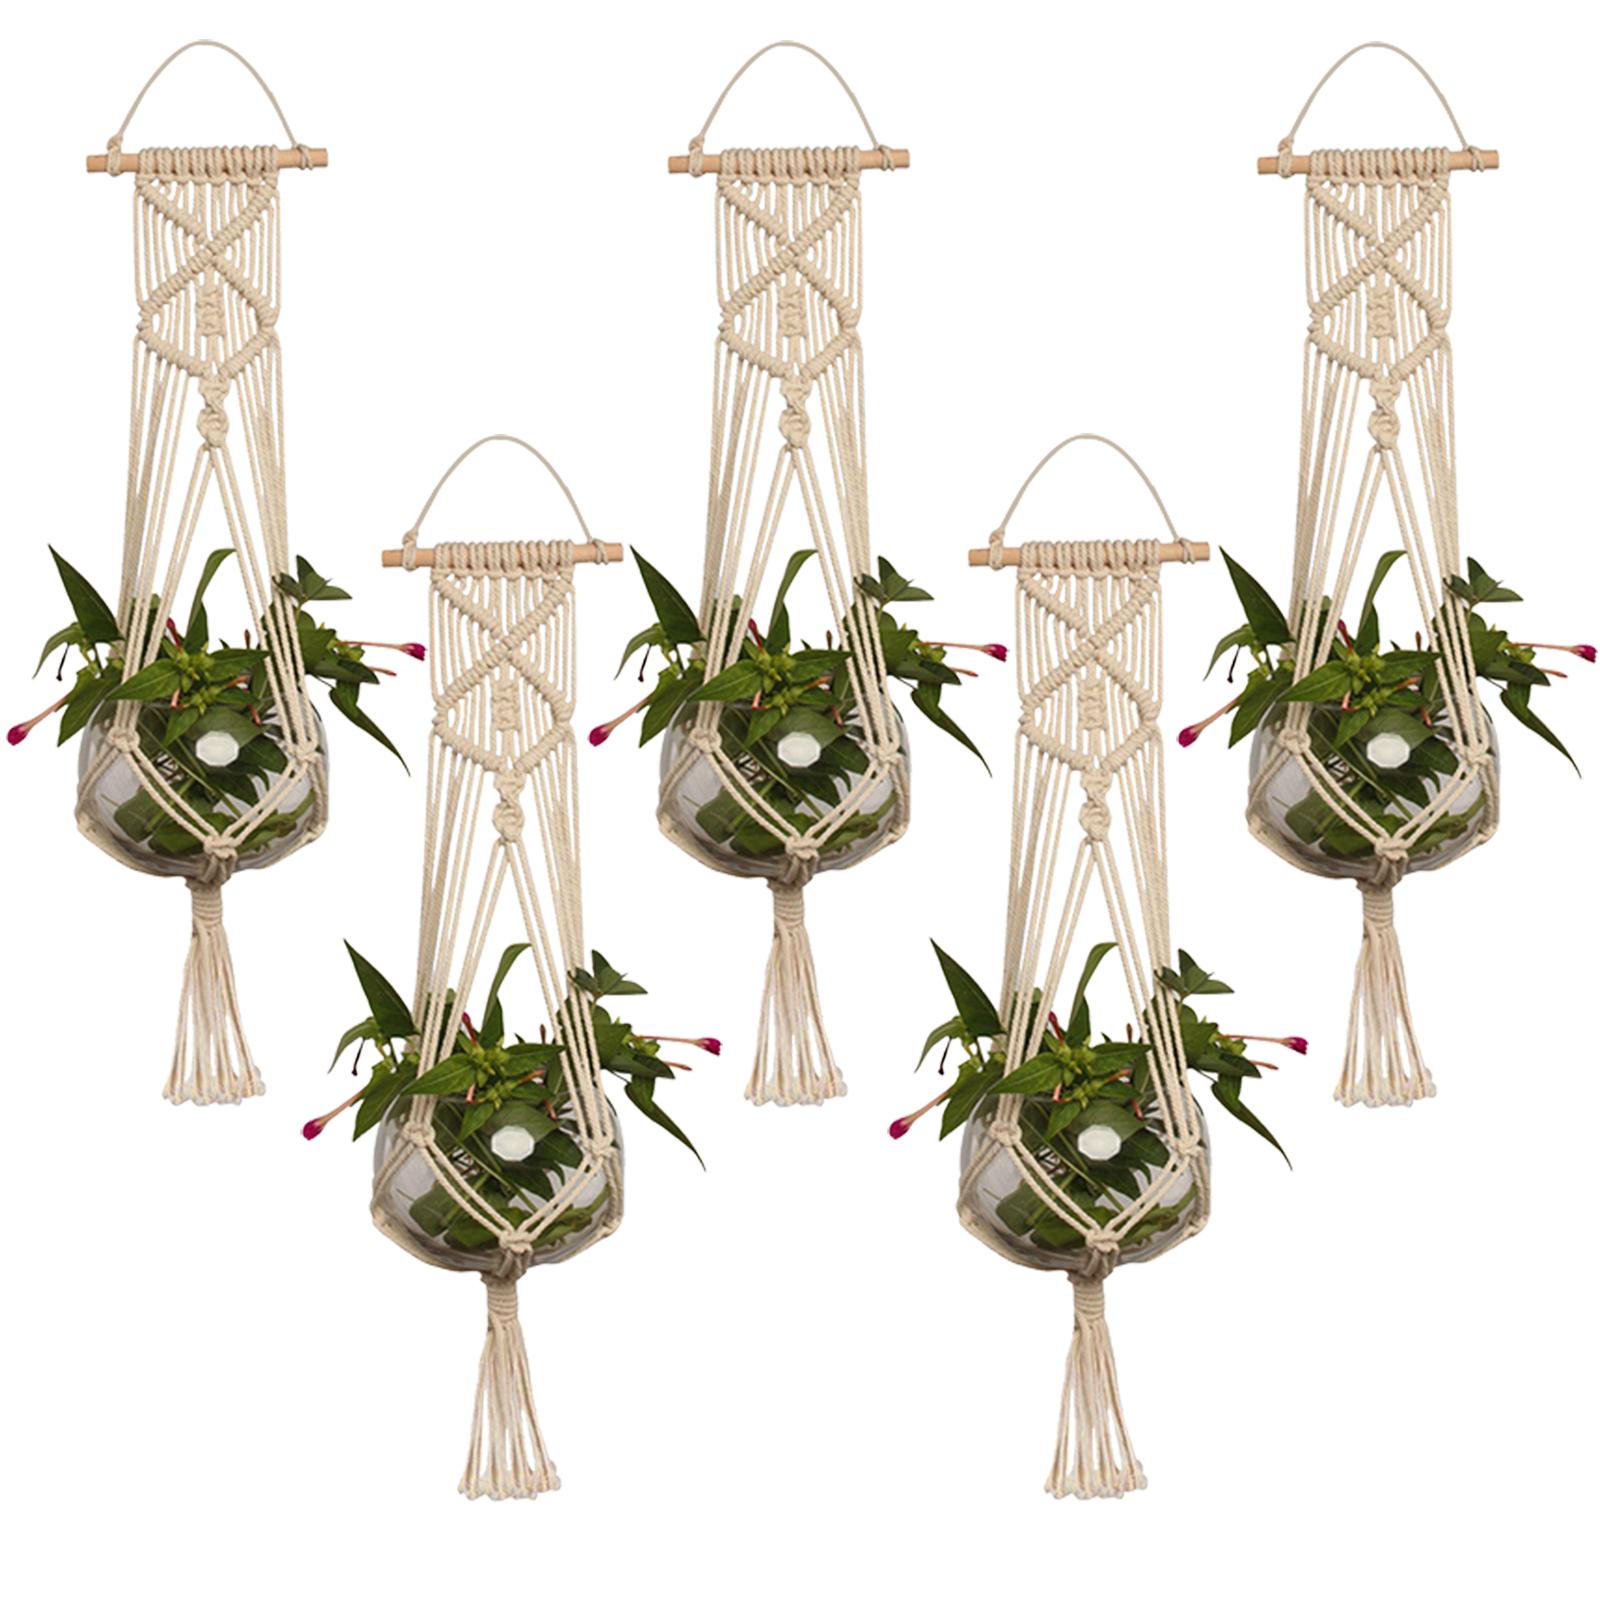 Pot-Holder-Macrame-Plant-Hanger-Hanging-Planter-Basket-Jute-Rope-Braided-Craft thumbnail 13